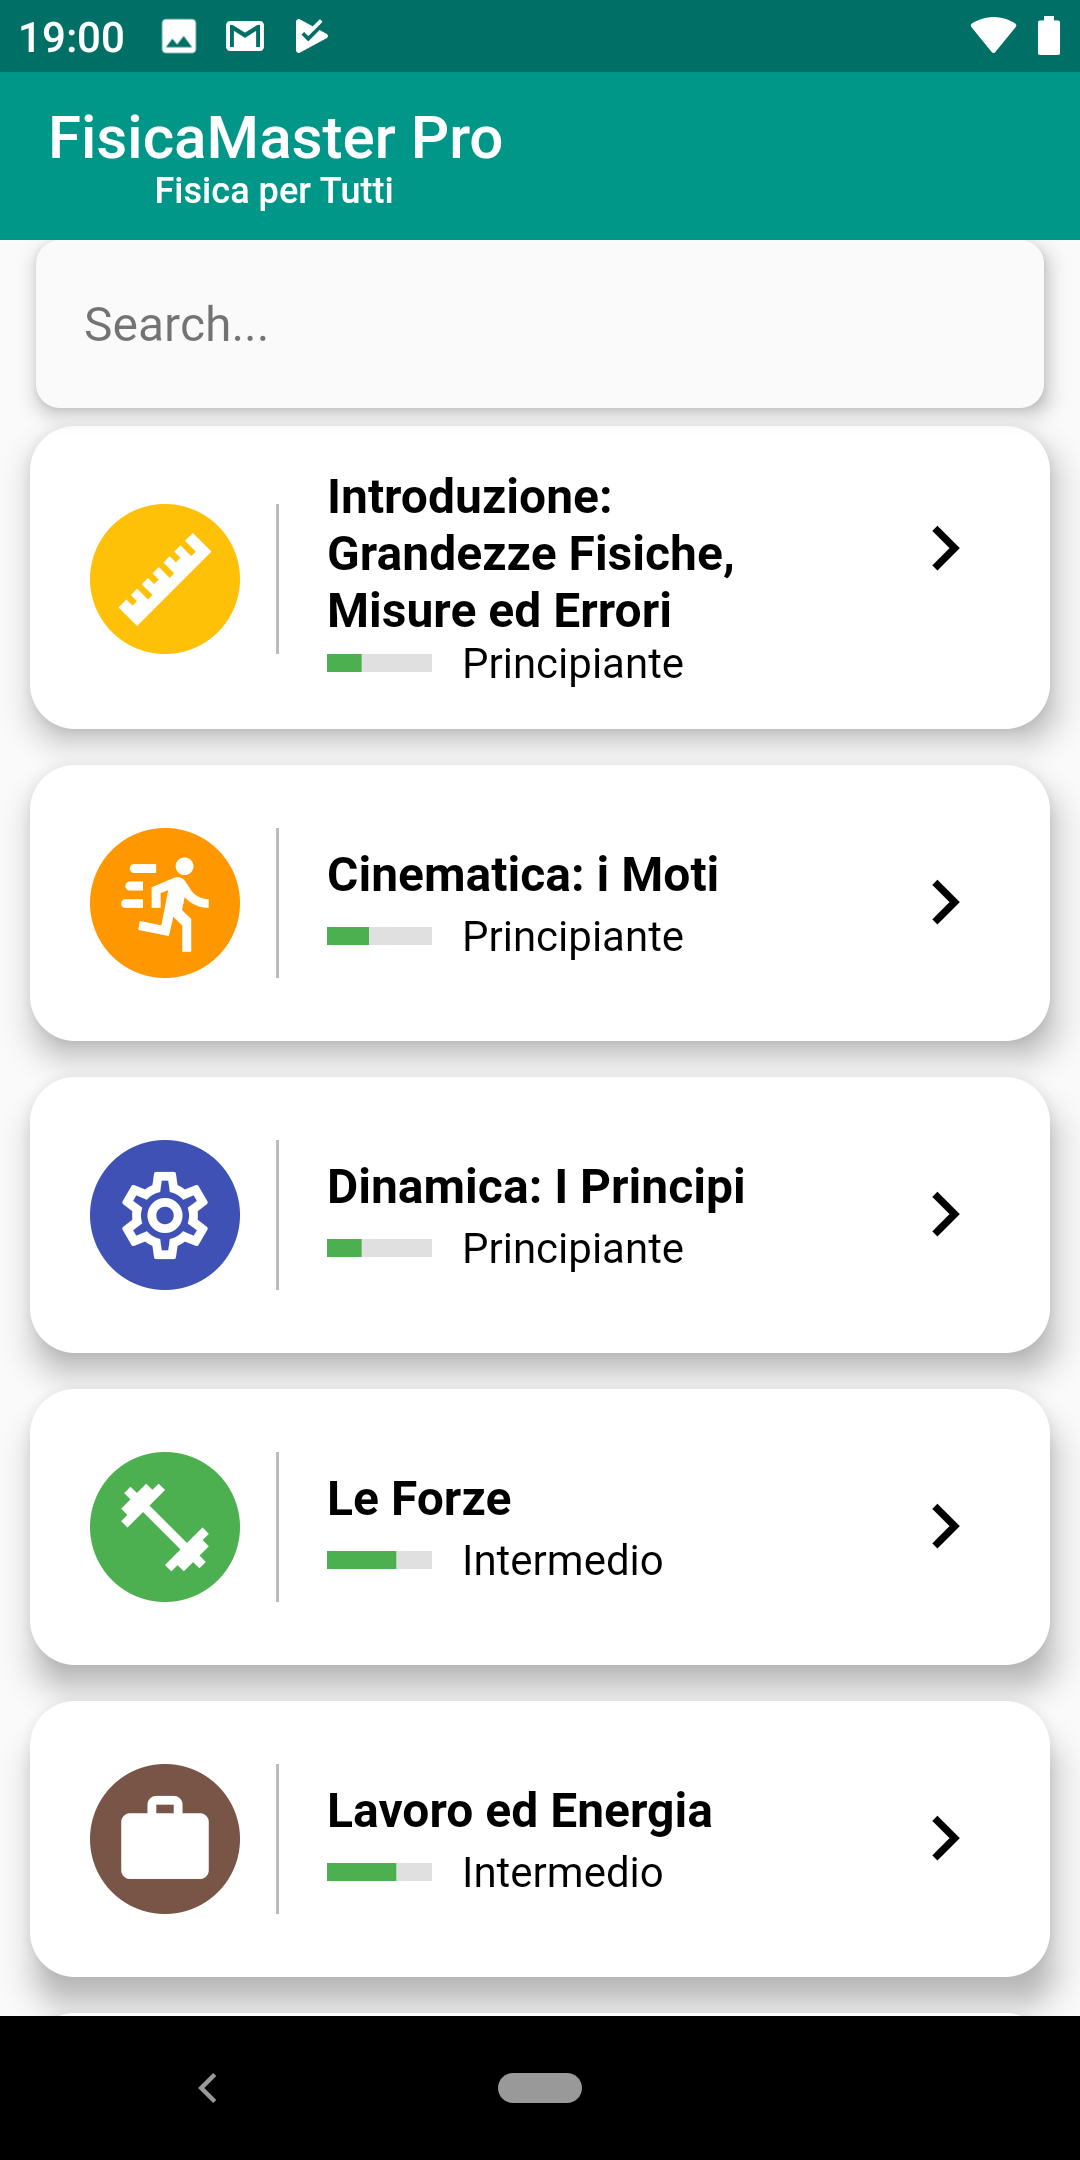 جديد التطبيقات: FisicaMaster Pro يسمح لك بتعلّم وحل التمارين الفيزيائية في أندرويد